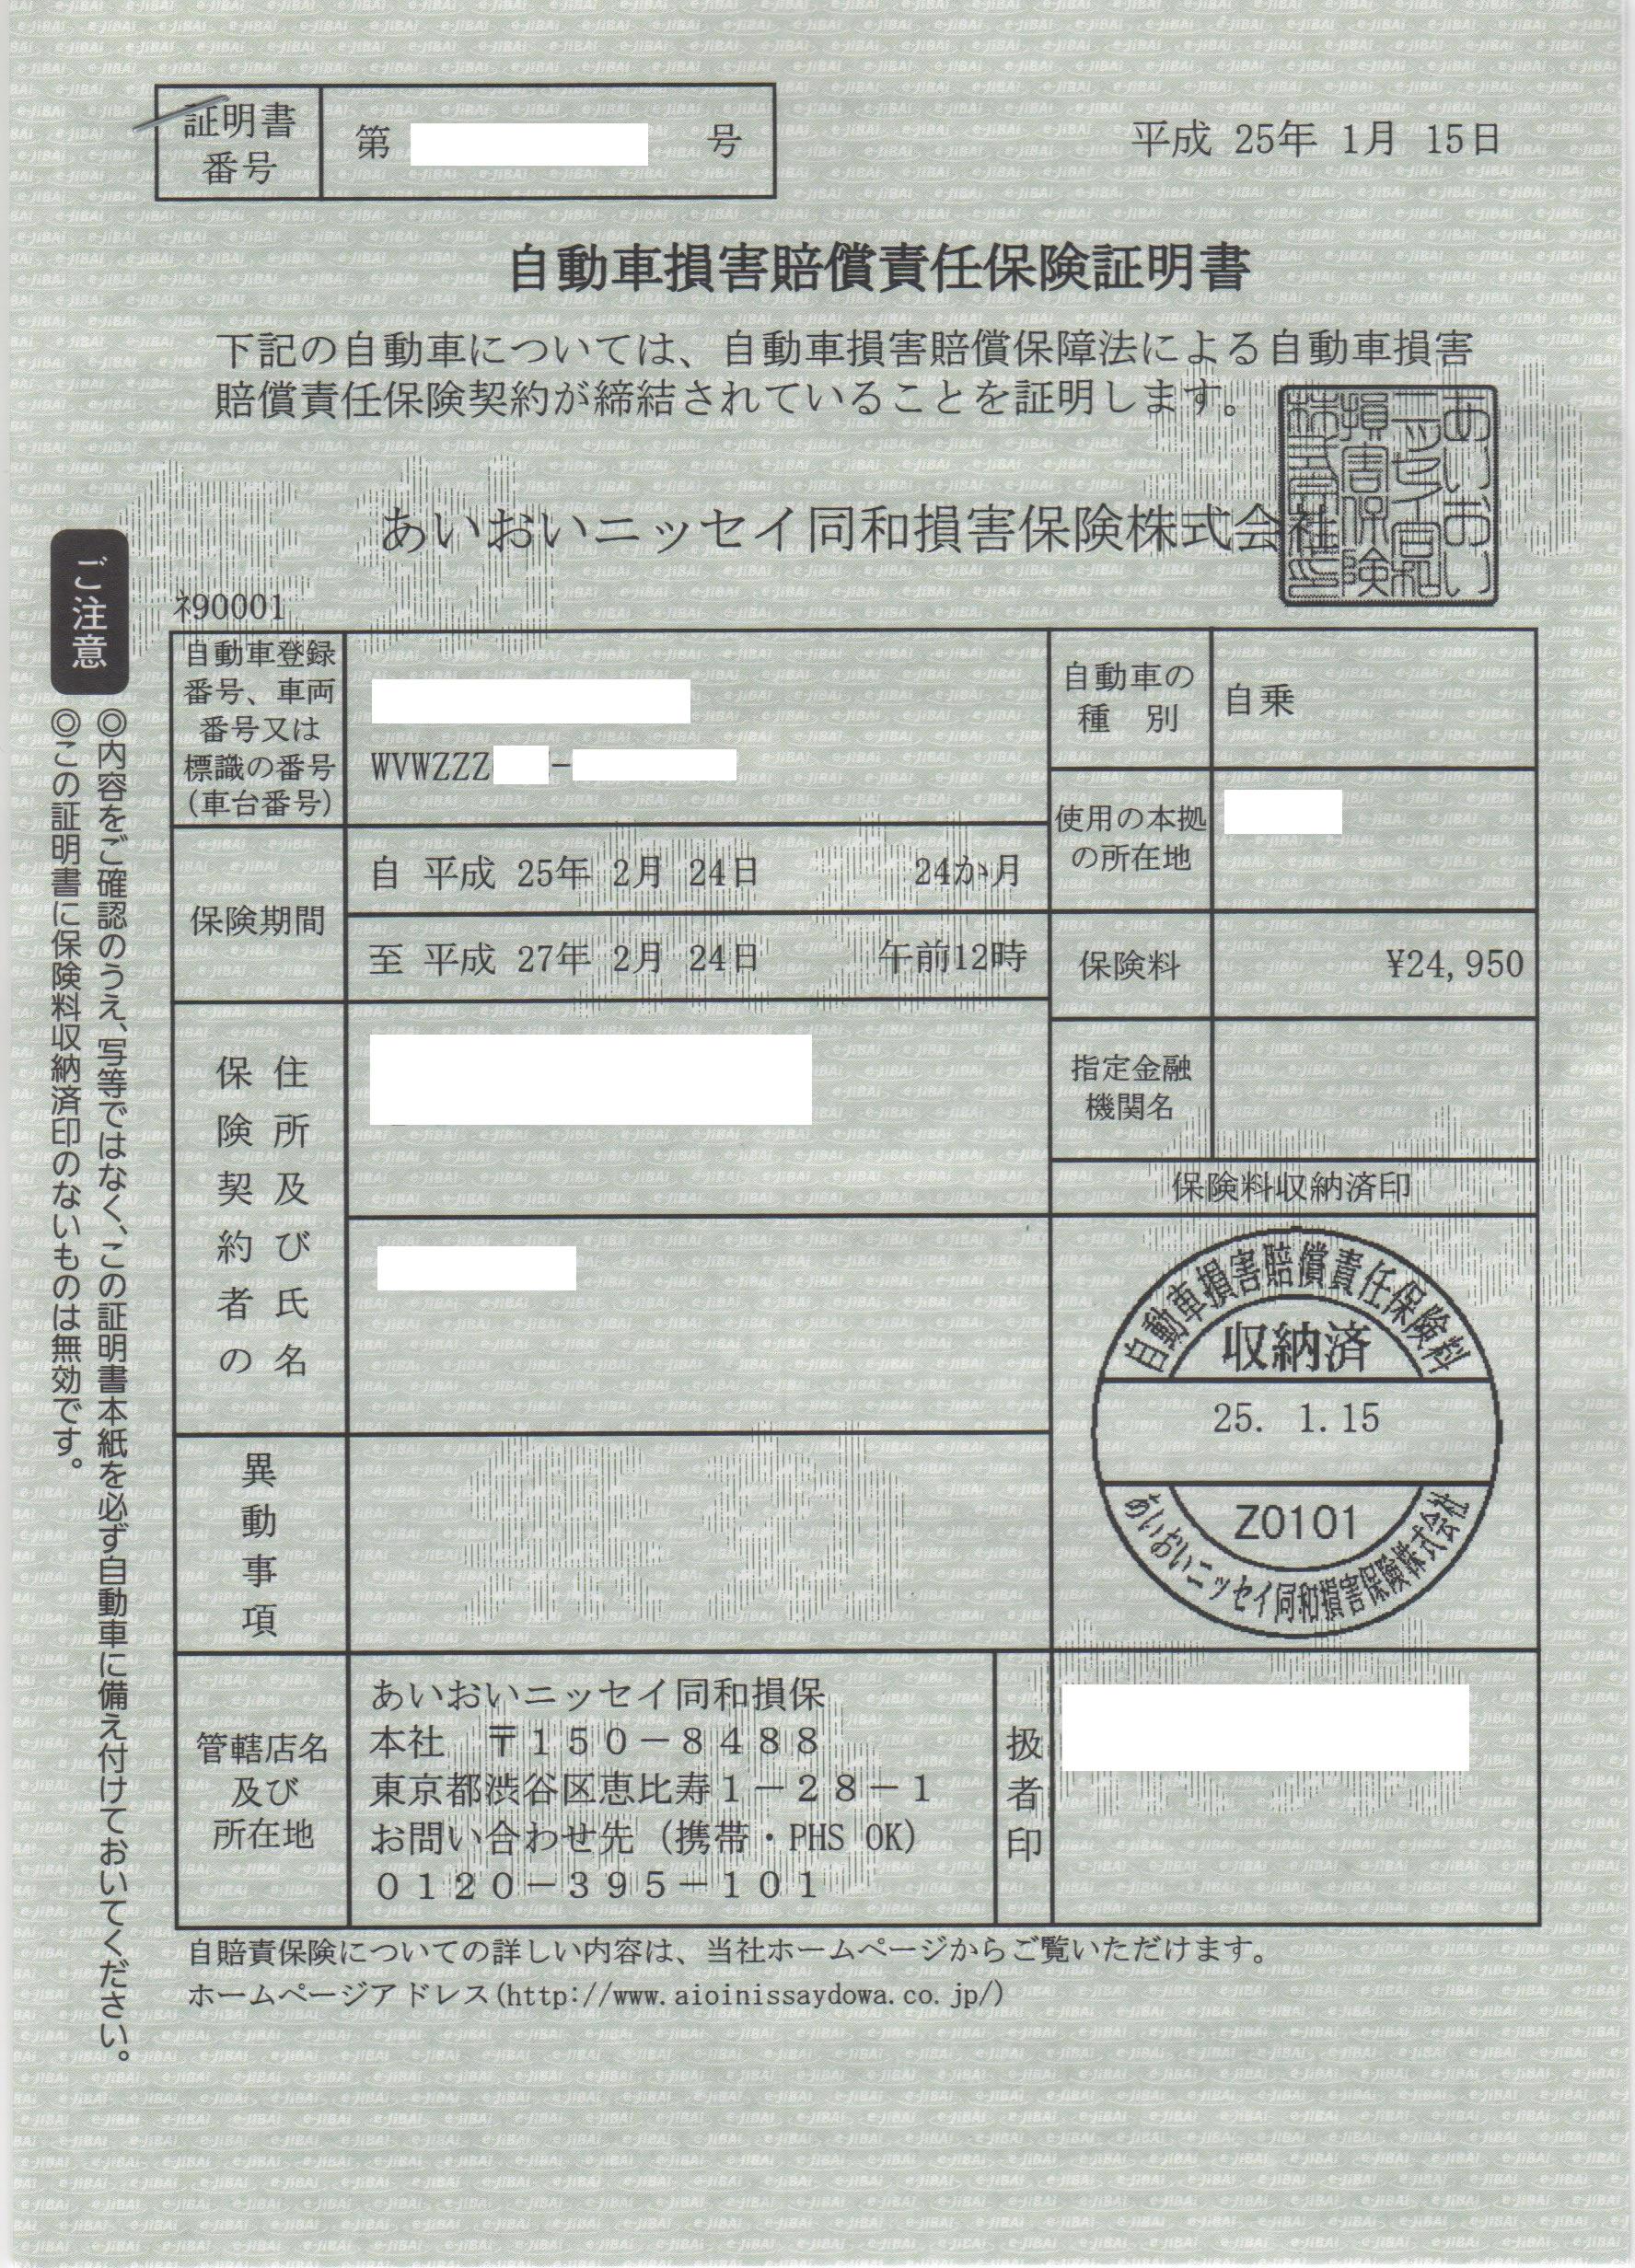 自動車損害賠償責任保険証明書(...